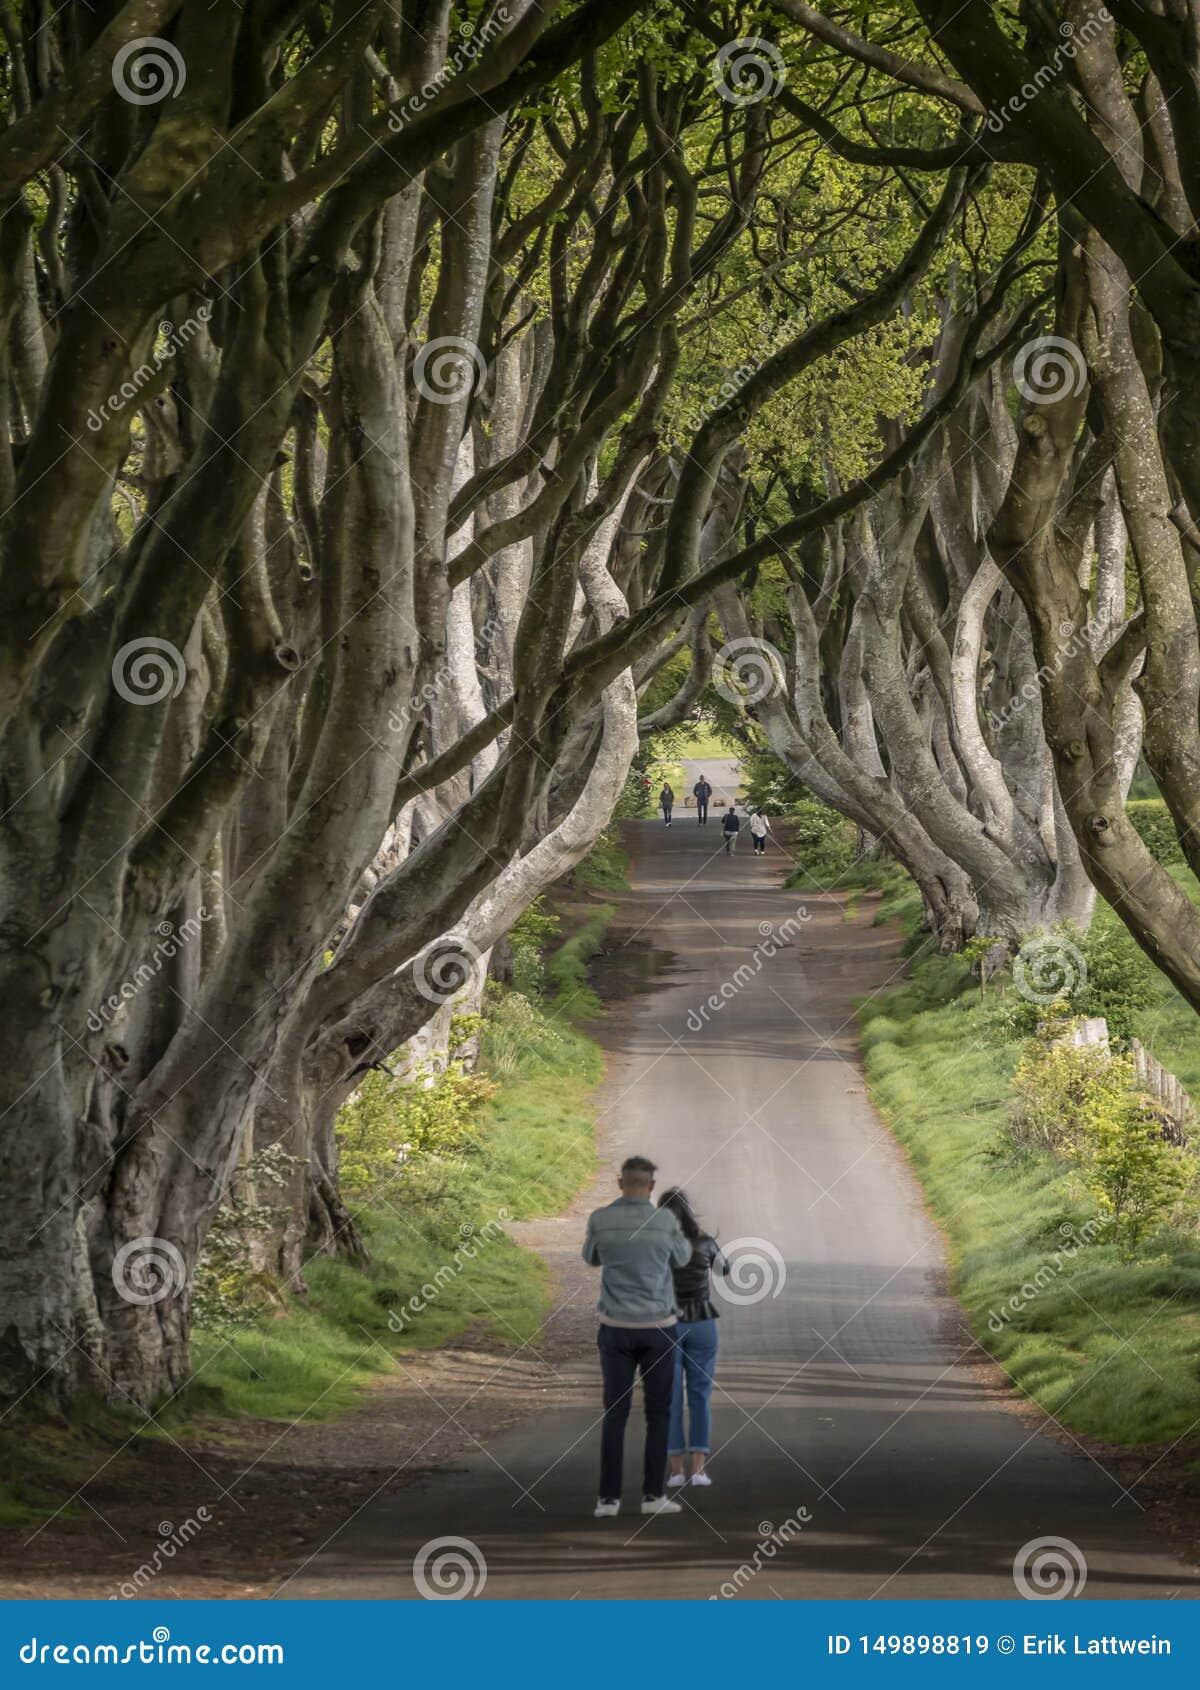 Die dunklen Hecken - ein berühmter Standort in Nordirland - STRANOCUM, VEREINIGTES KÖNIGREICH - 12. MAI 2019